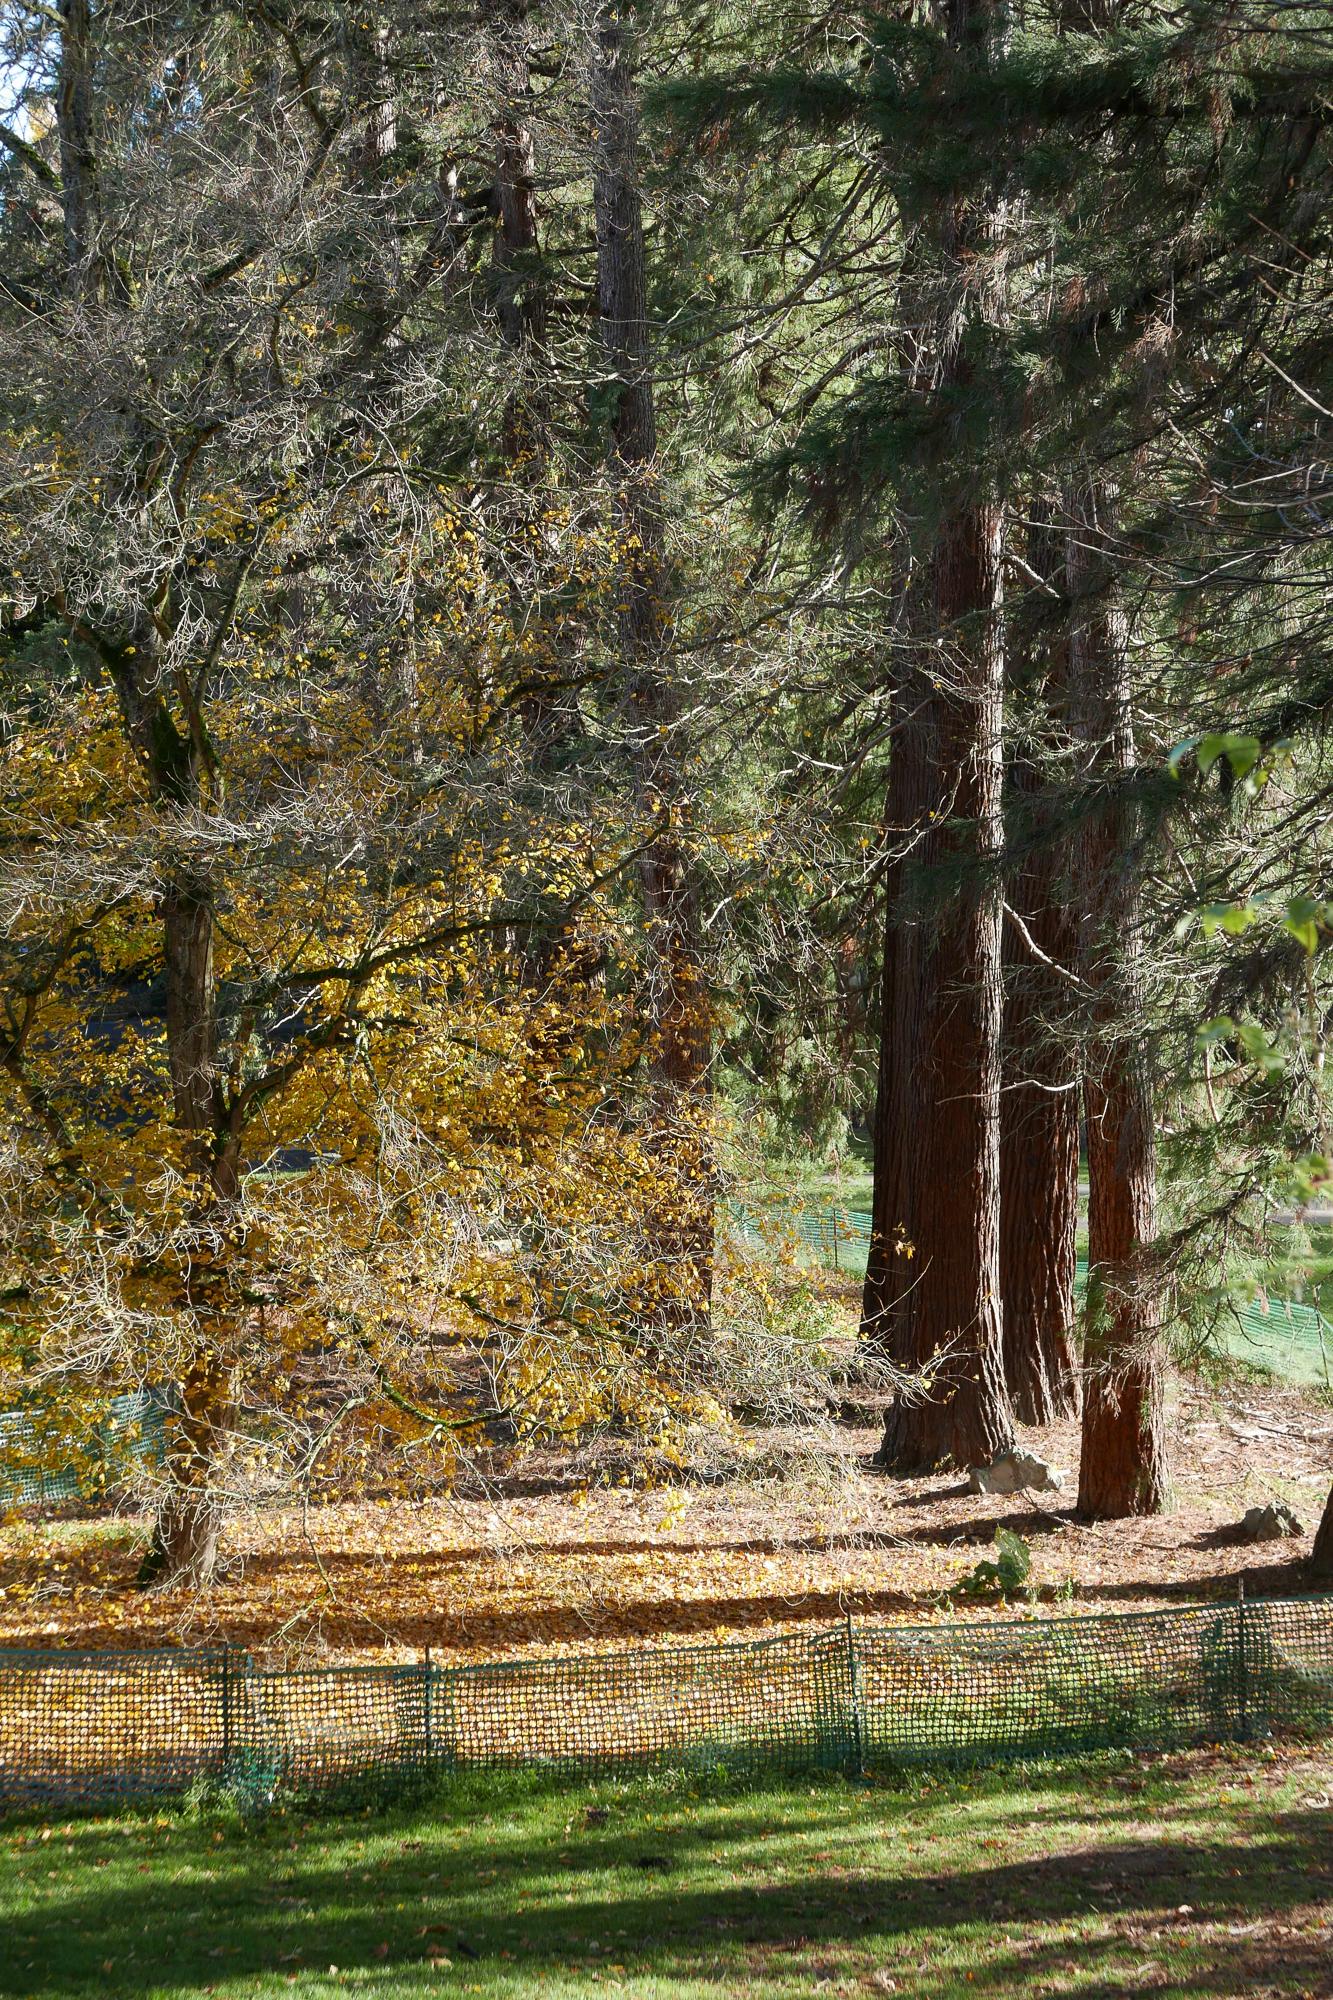 redwoods, Washington Park